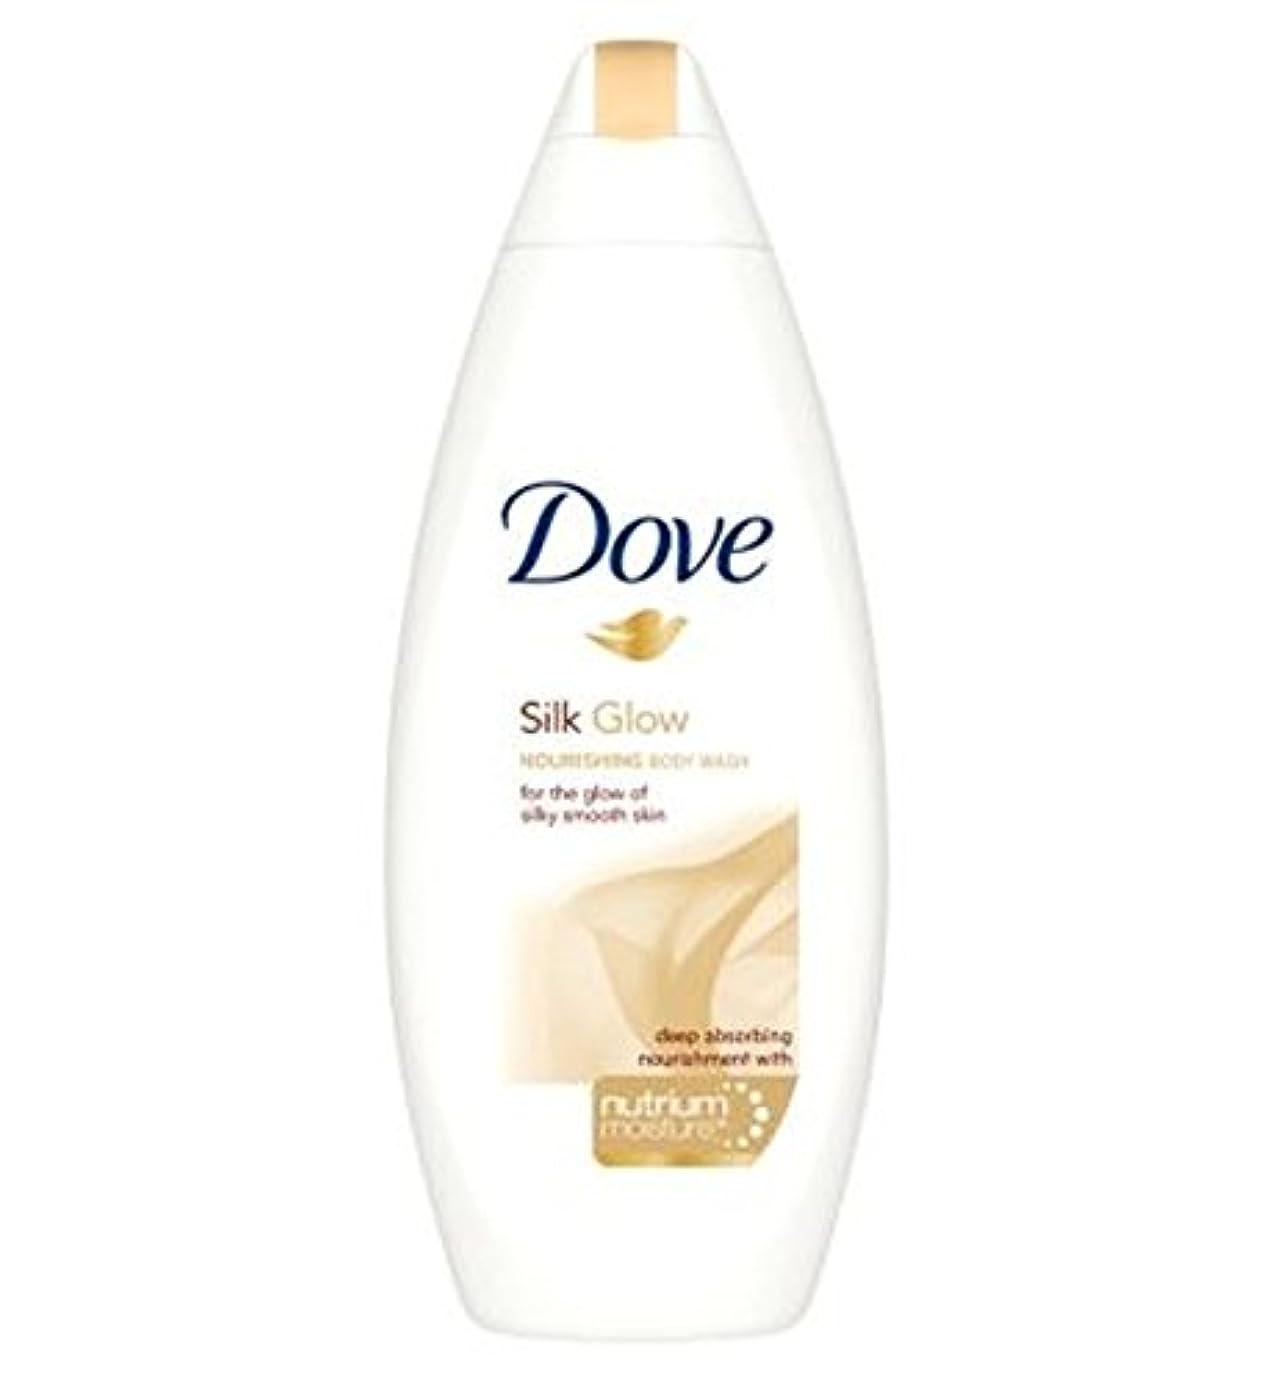 事実形状スイッチDove Silk body wash 500ml - 鳩シルクボディウォッシュ500ミリリットル (Dove) [並行輸入品]